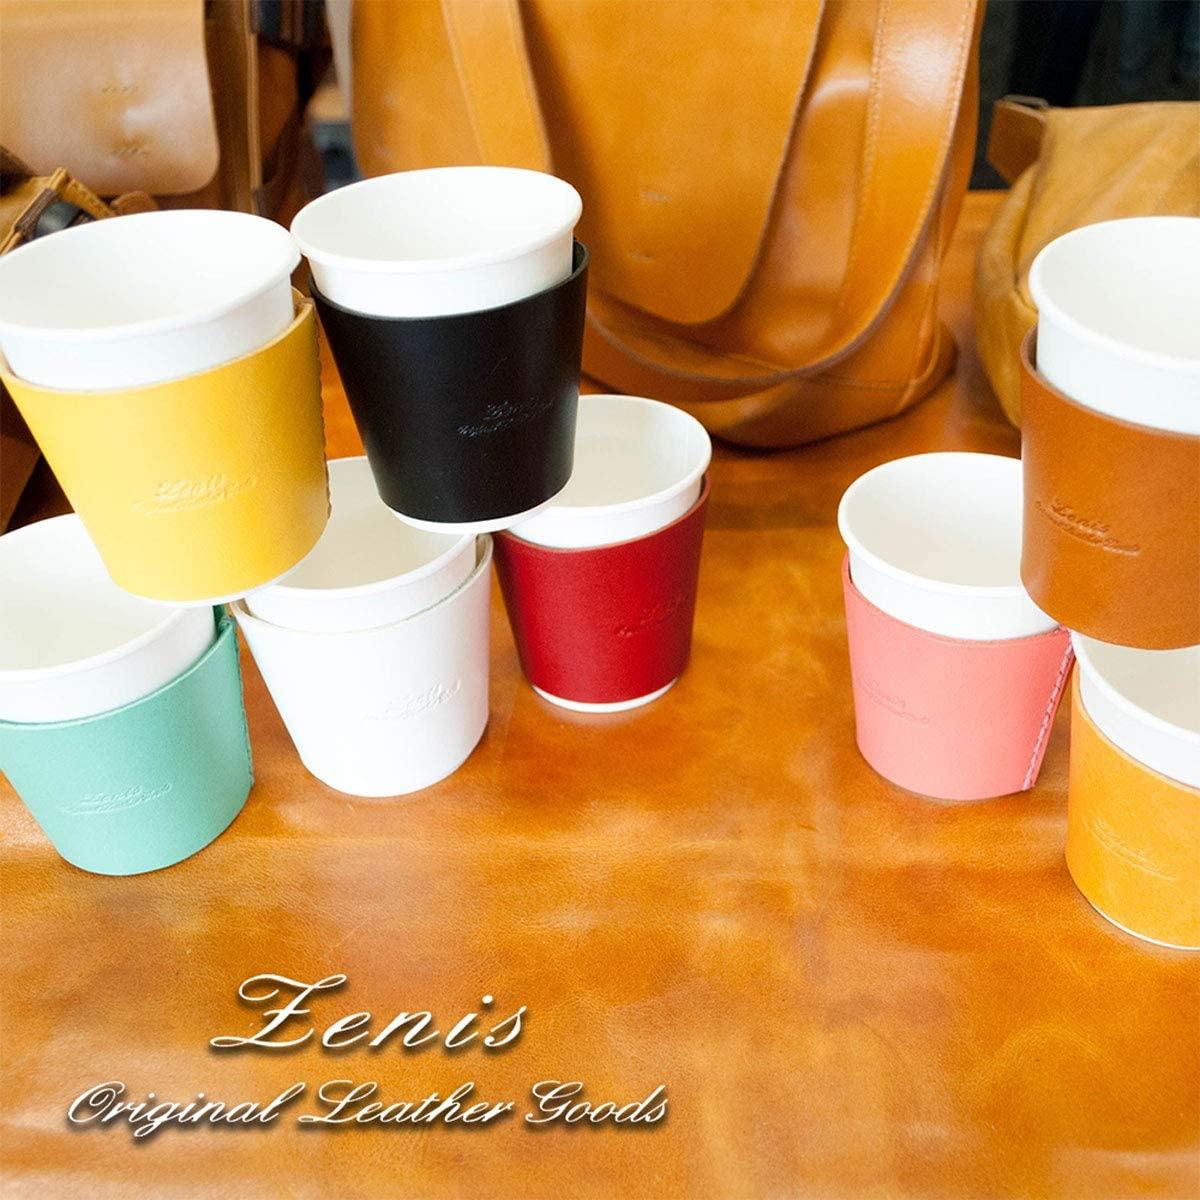 Zenis(ゼニス)ナチュラルレザー カップホルダー B-0127の商品画像8